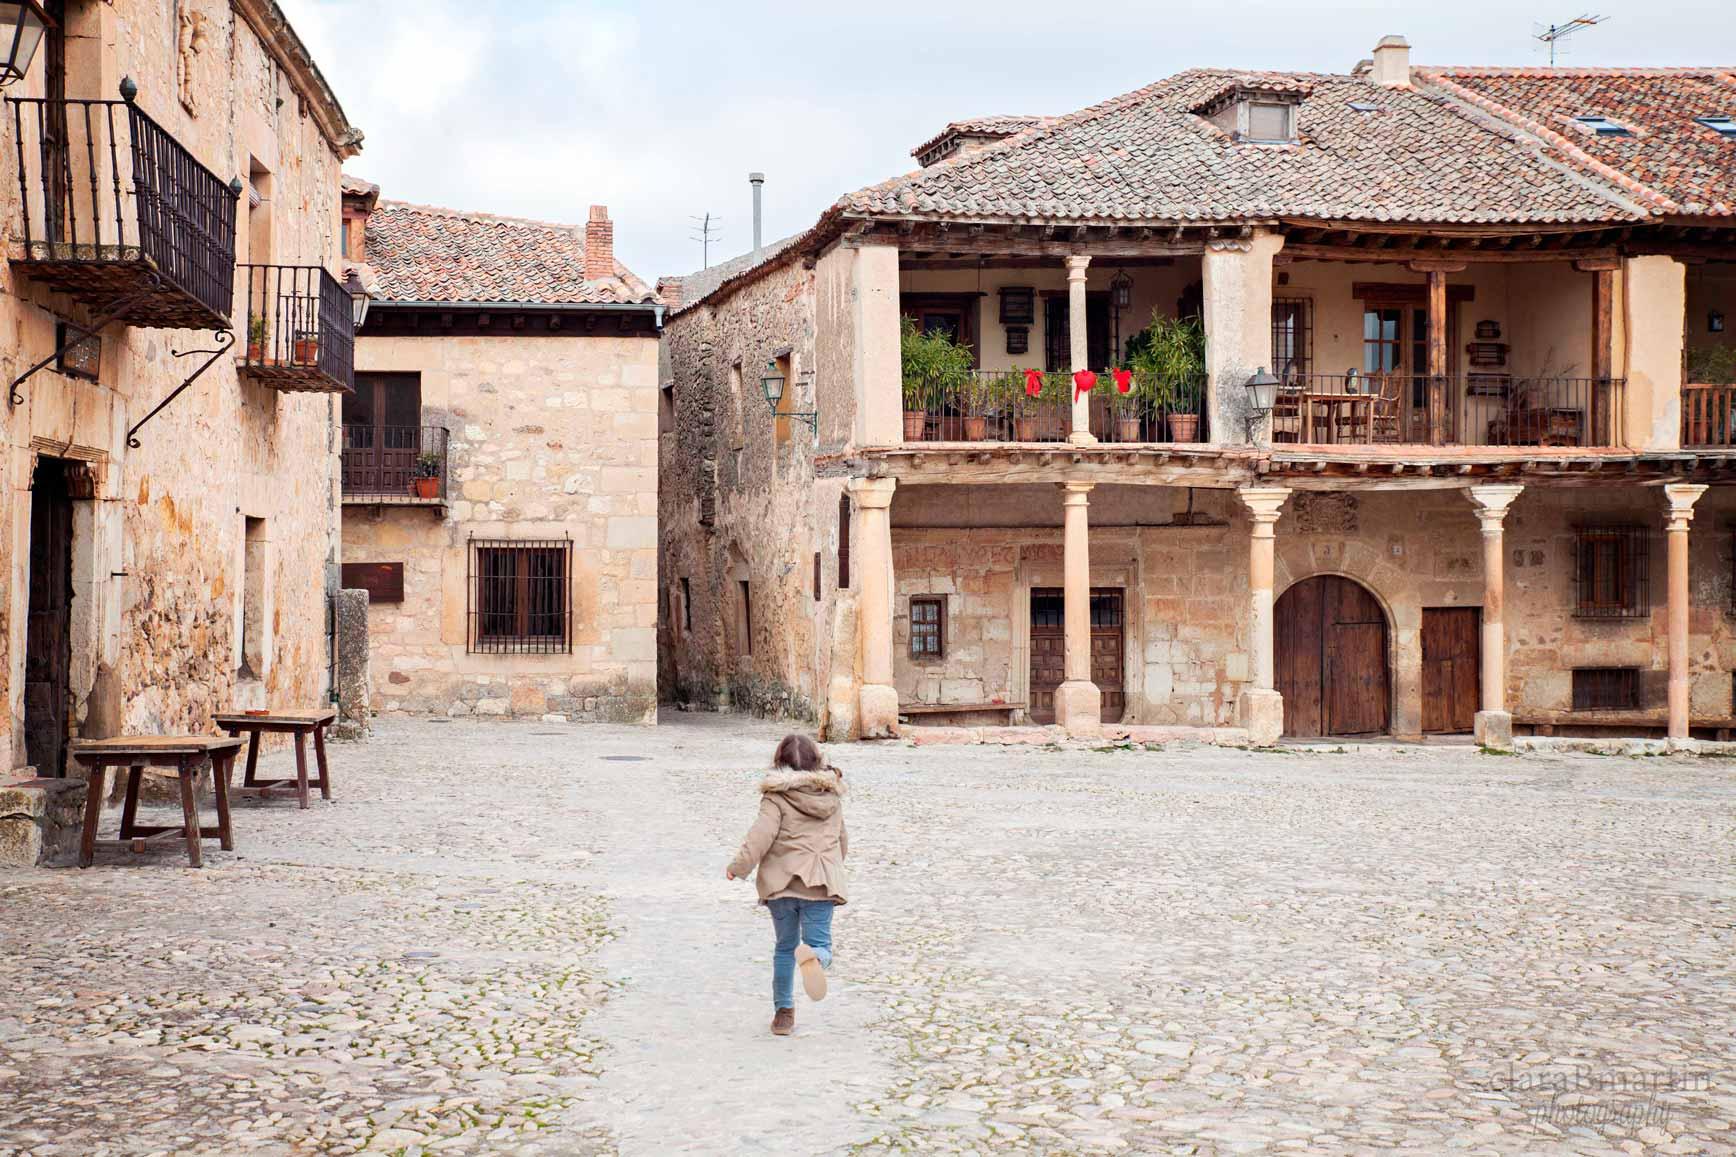 Pueblos con encanto en España -  Pedraza